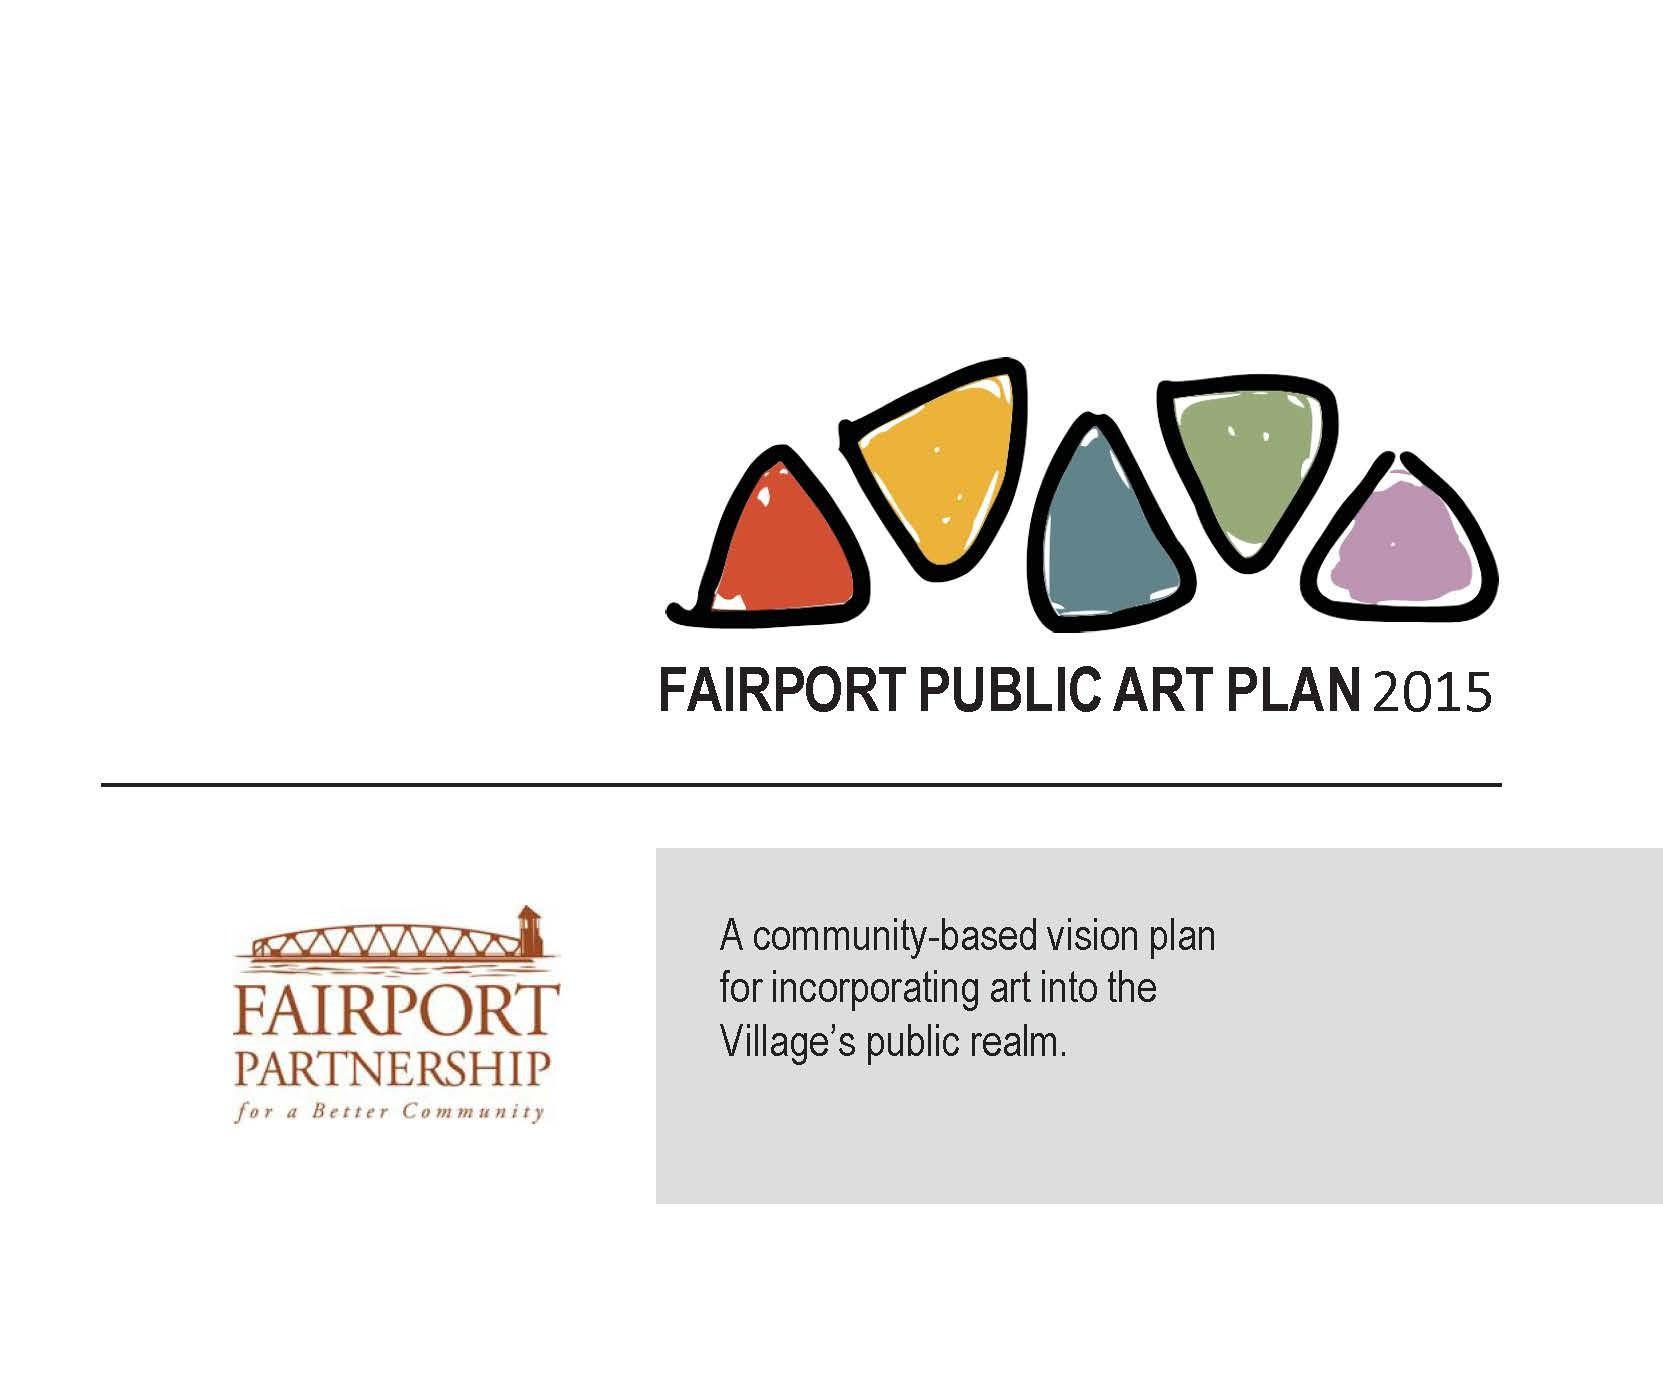 Fairport Public Art Plan-December 2015 (FINAL) 1.jpg